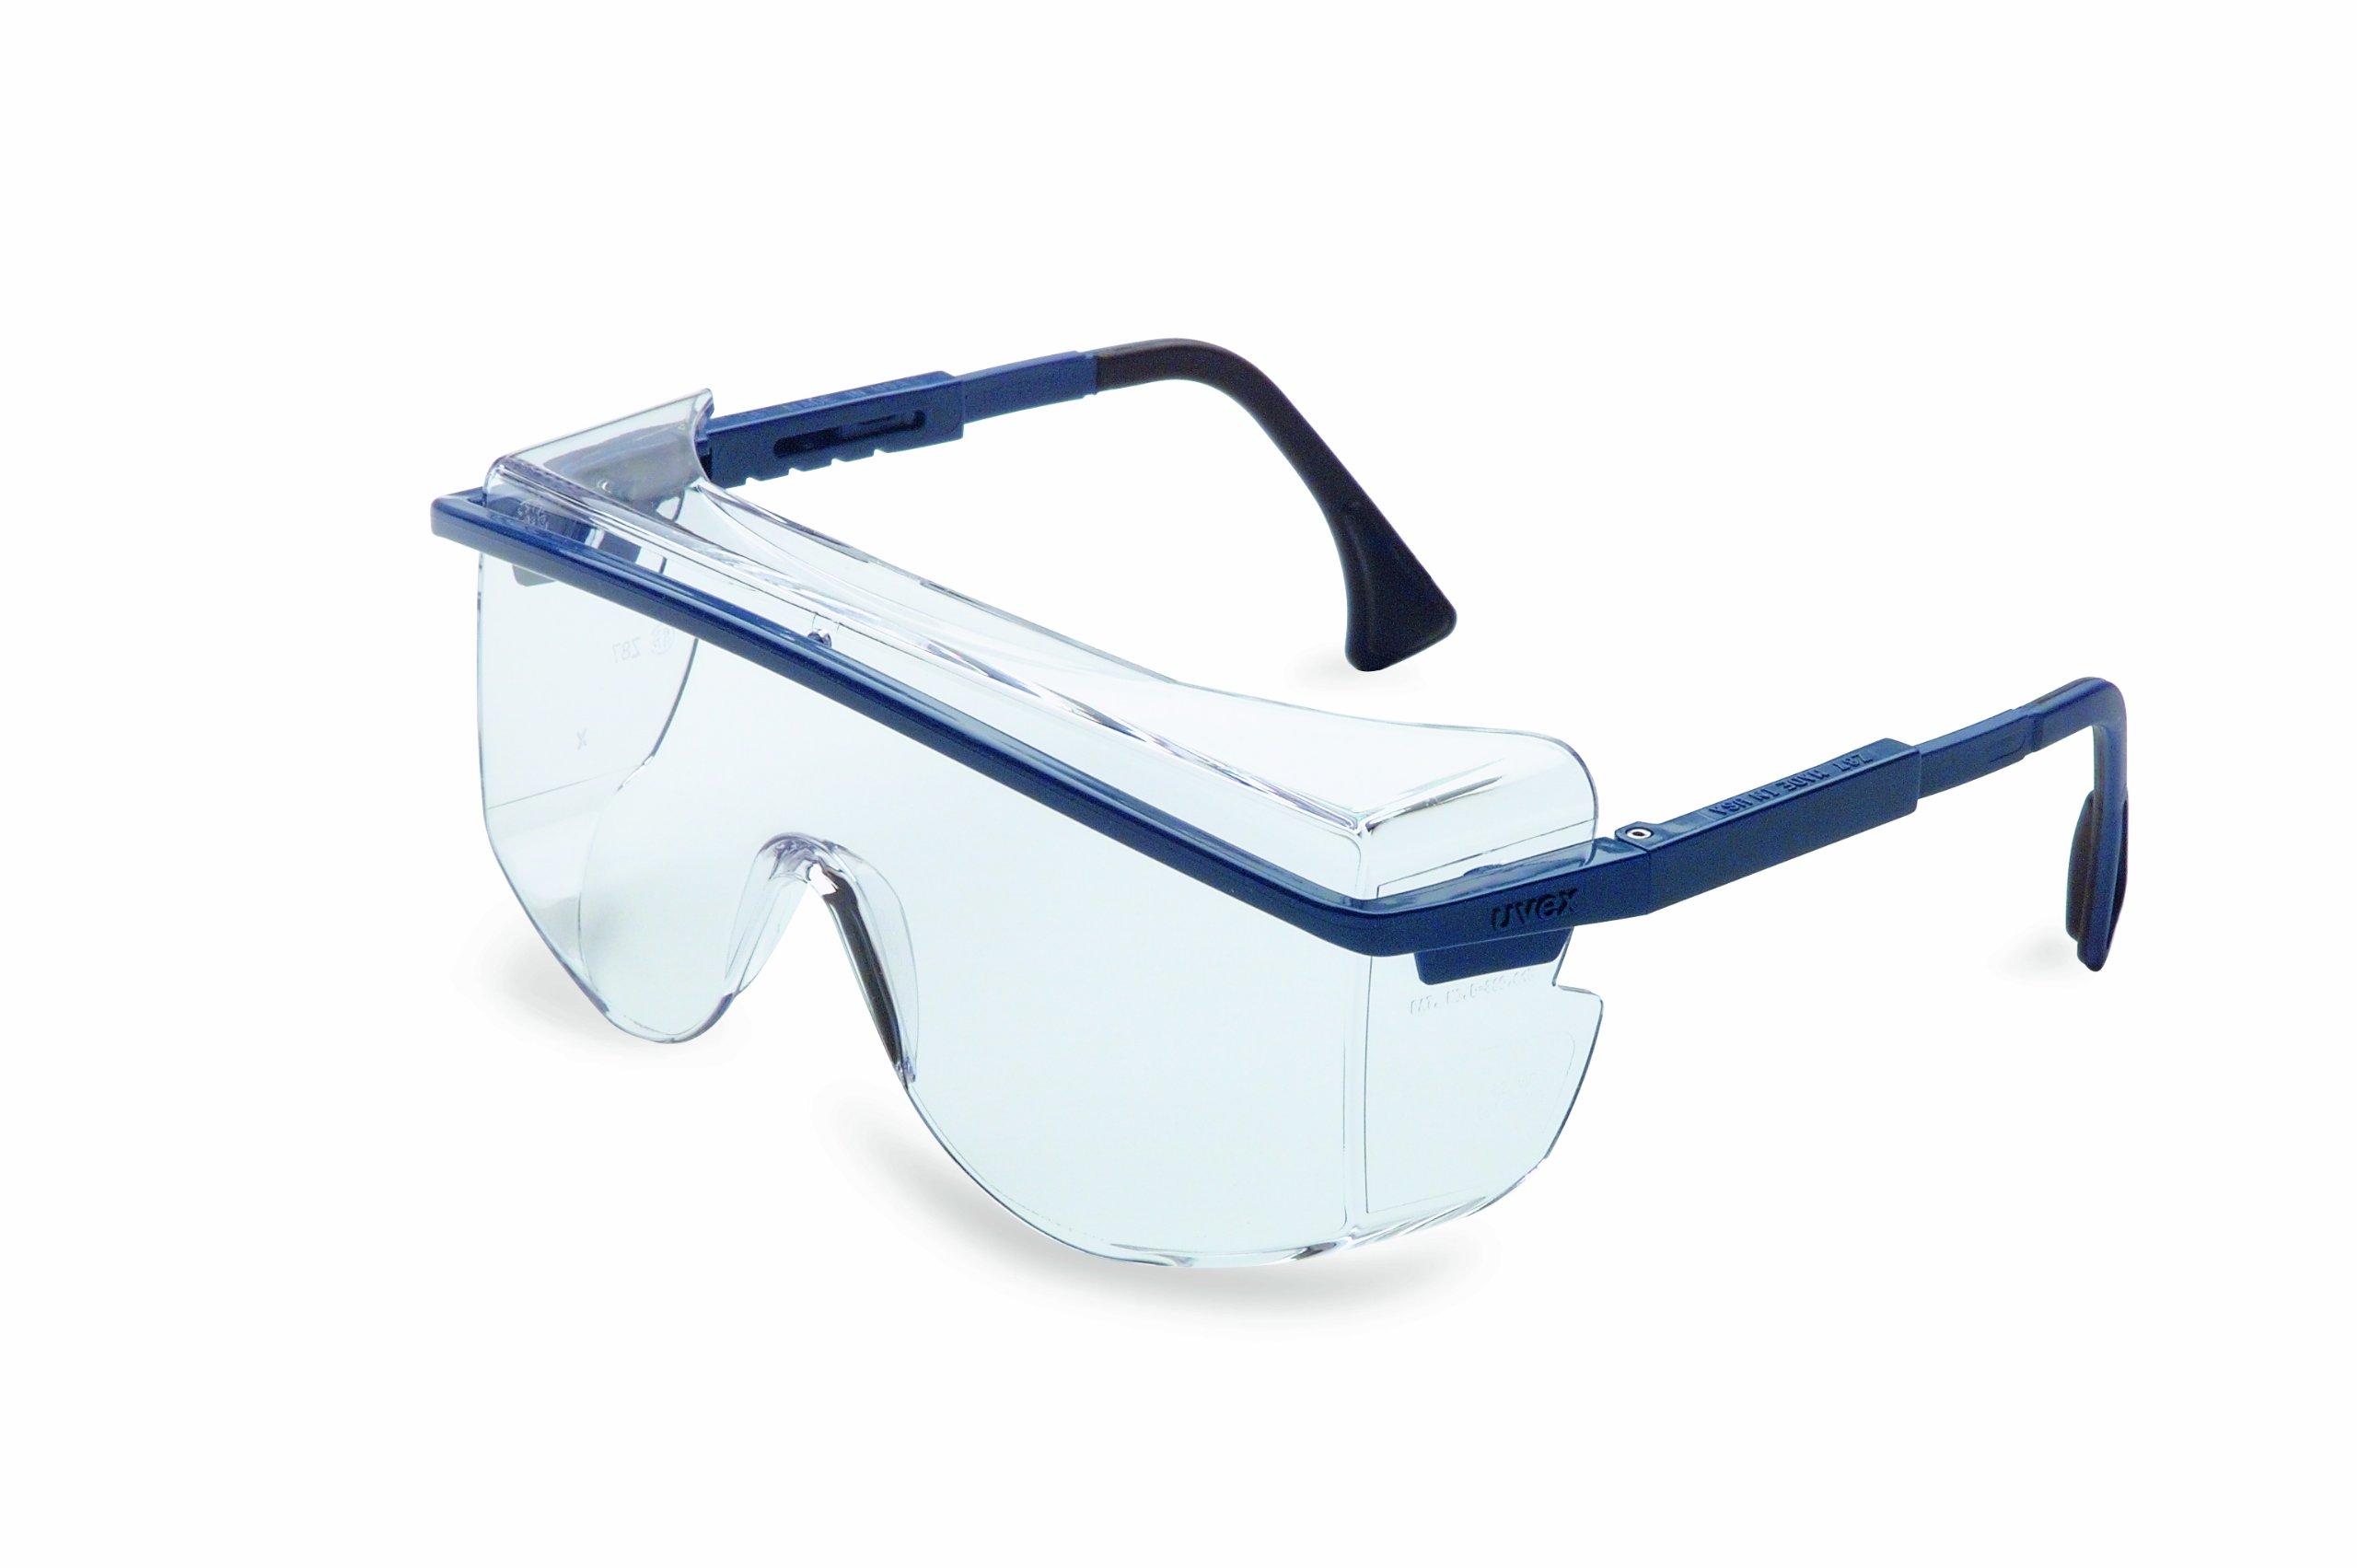 Uvex S2500C Astrospec OTG 3001 Safety Eyewear, Black Frame, Clear UV Extreme Anti-Fog Lens